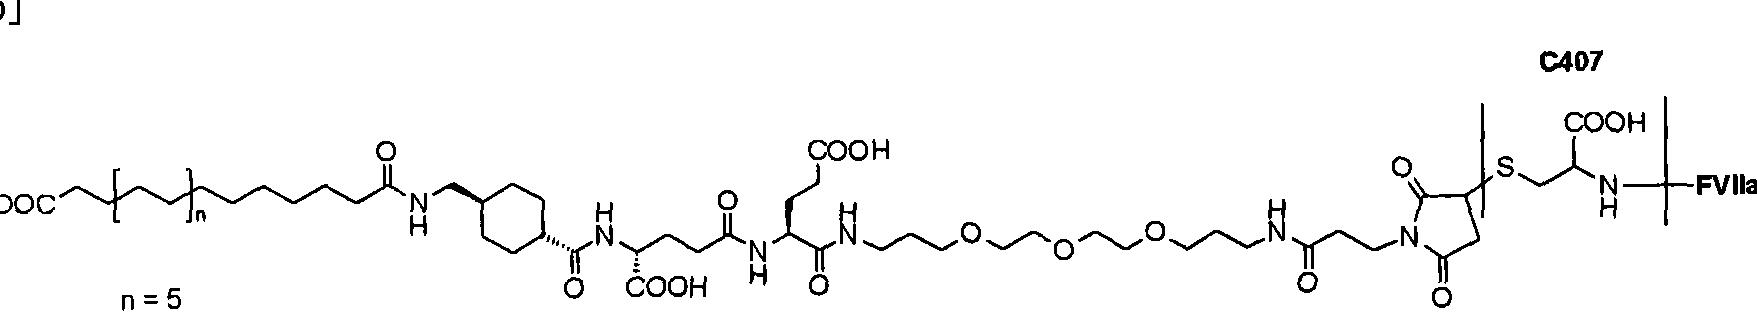 Figure CN102112157BD00312